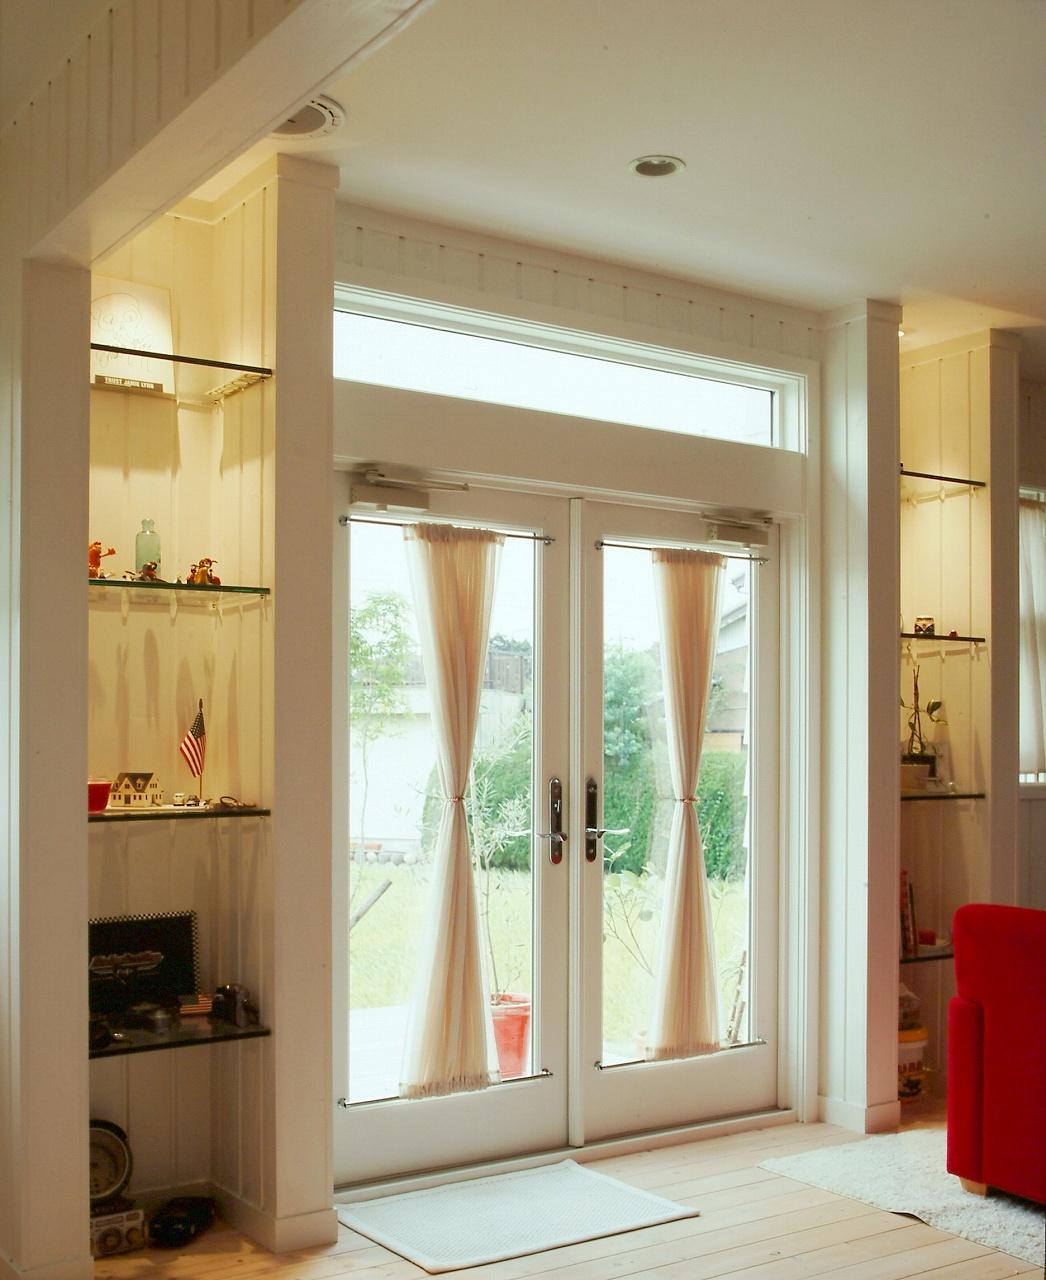 パティオドア、サイドのガラス飾り棚